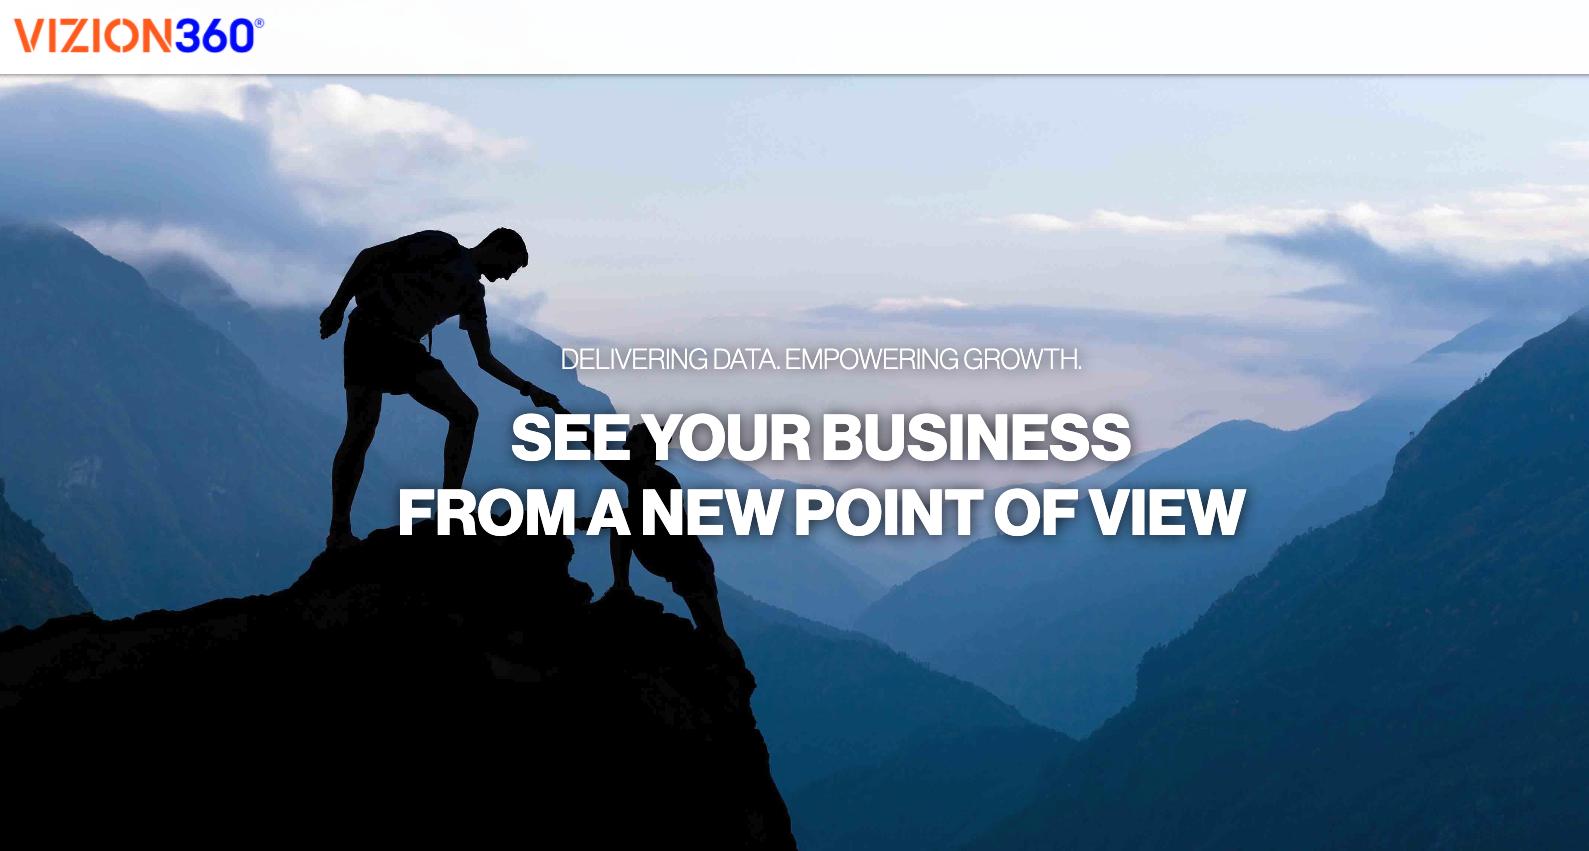 Vizion360 Business Intelligence